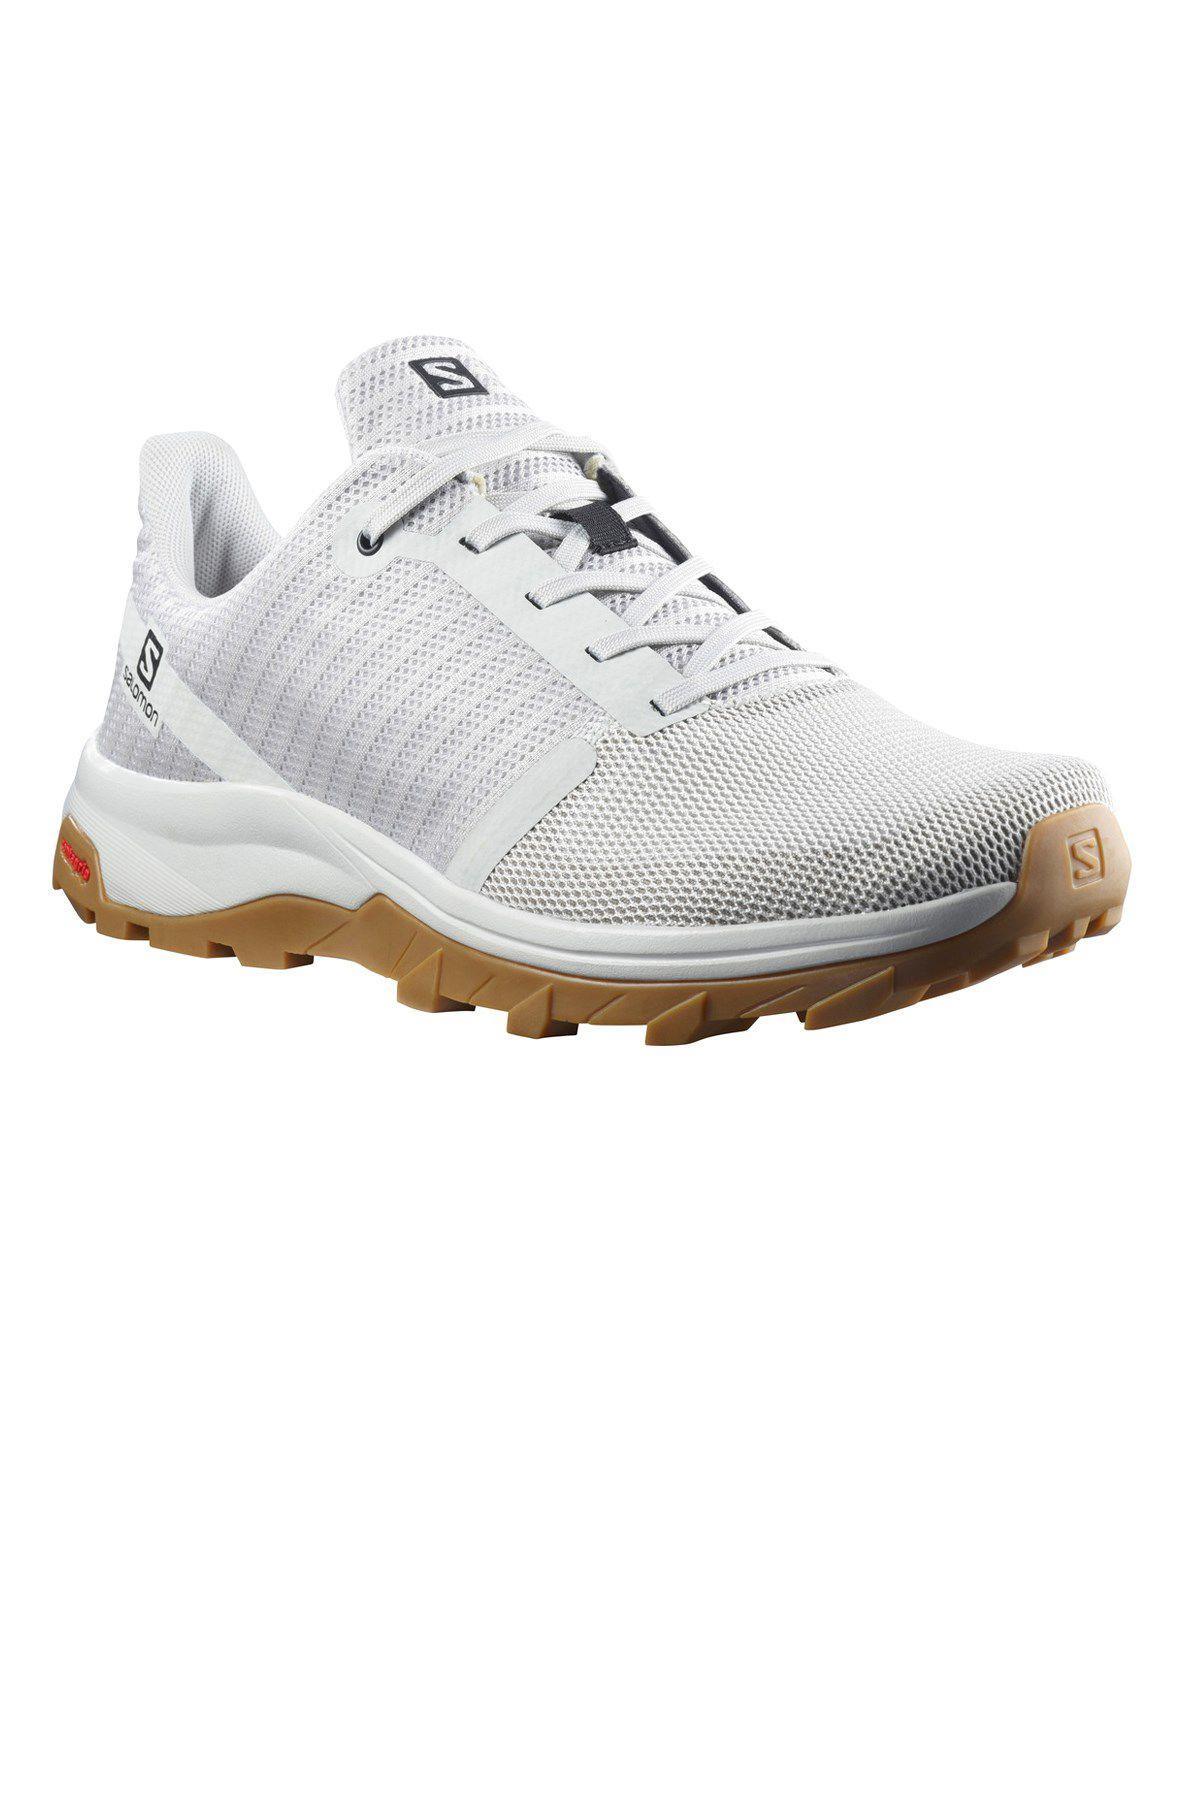 Salomon OUTBOUND PRISM Erkek Ayakkabısı L41191100